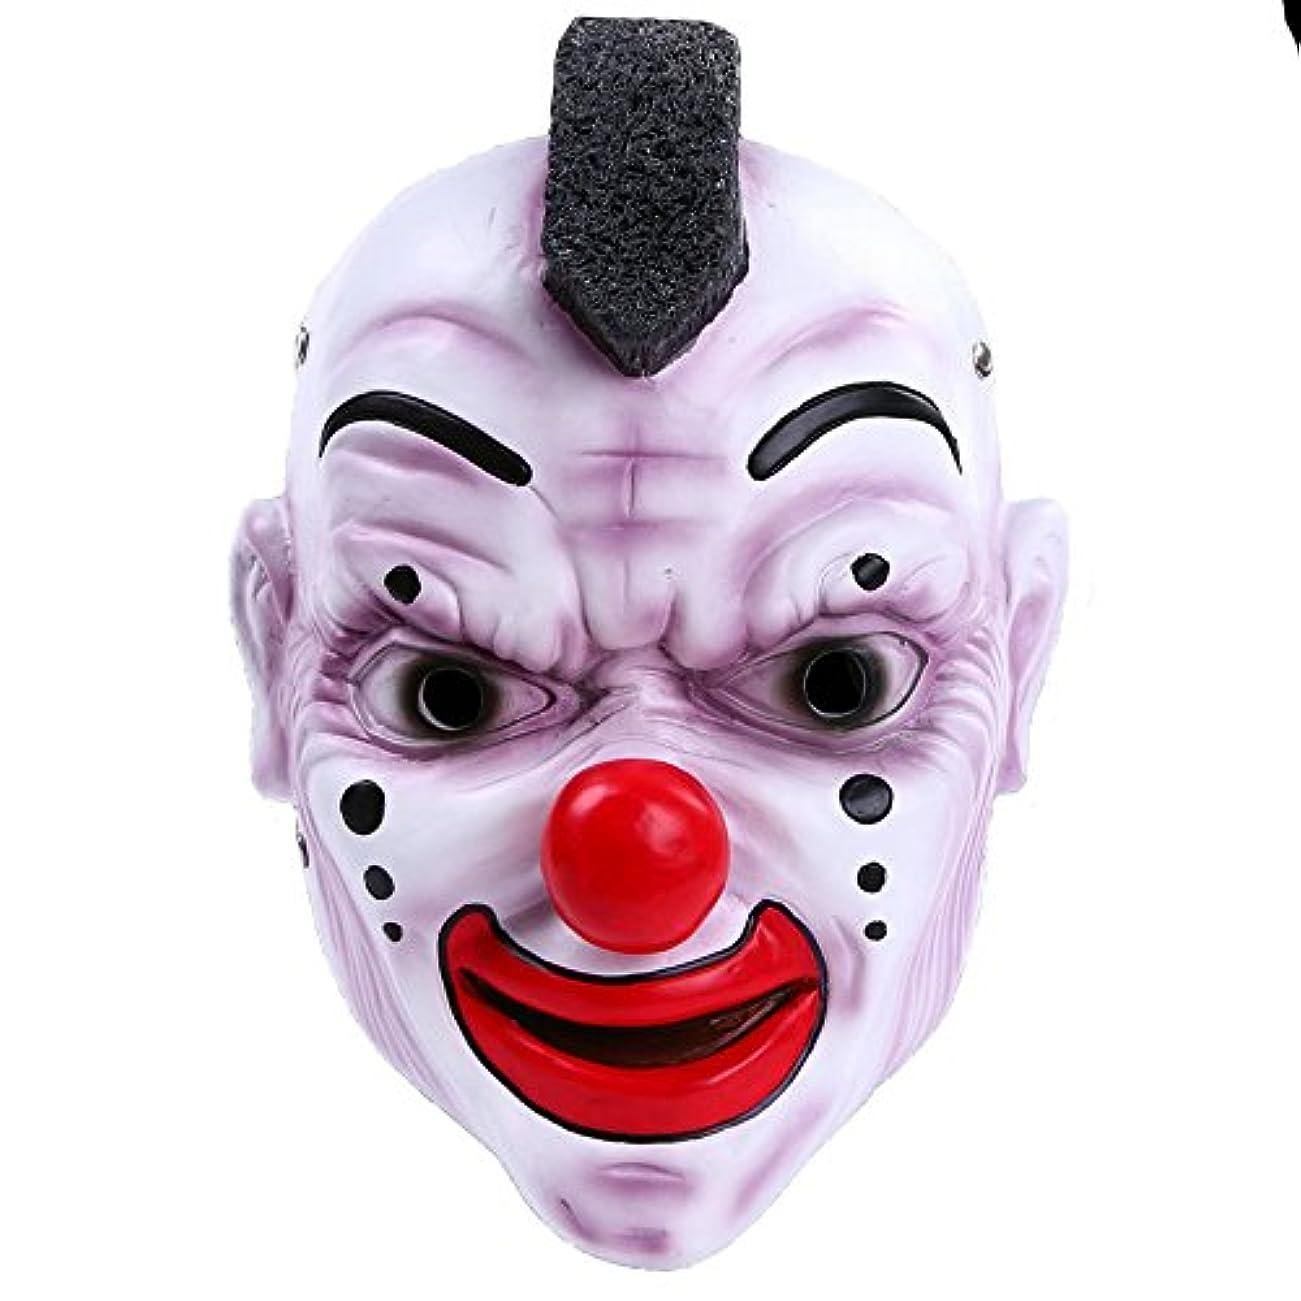 日焼けロシア解説ハロウィンバーパーティーマスクスカルバンドマスク赤い鼻ピエロマスク樹脂工芸品マスク